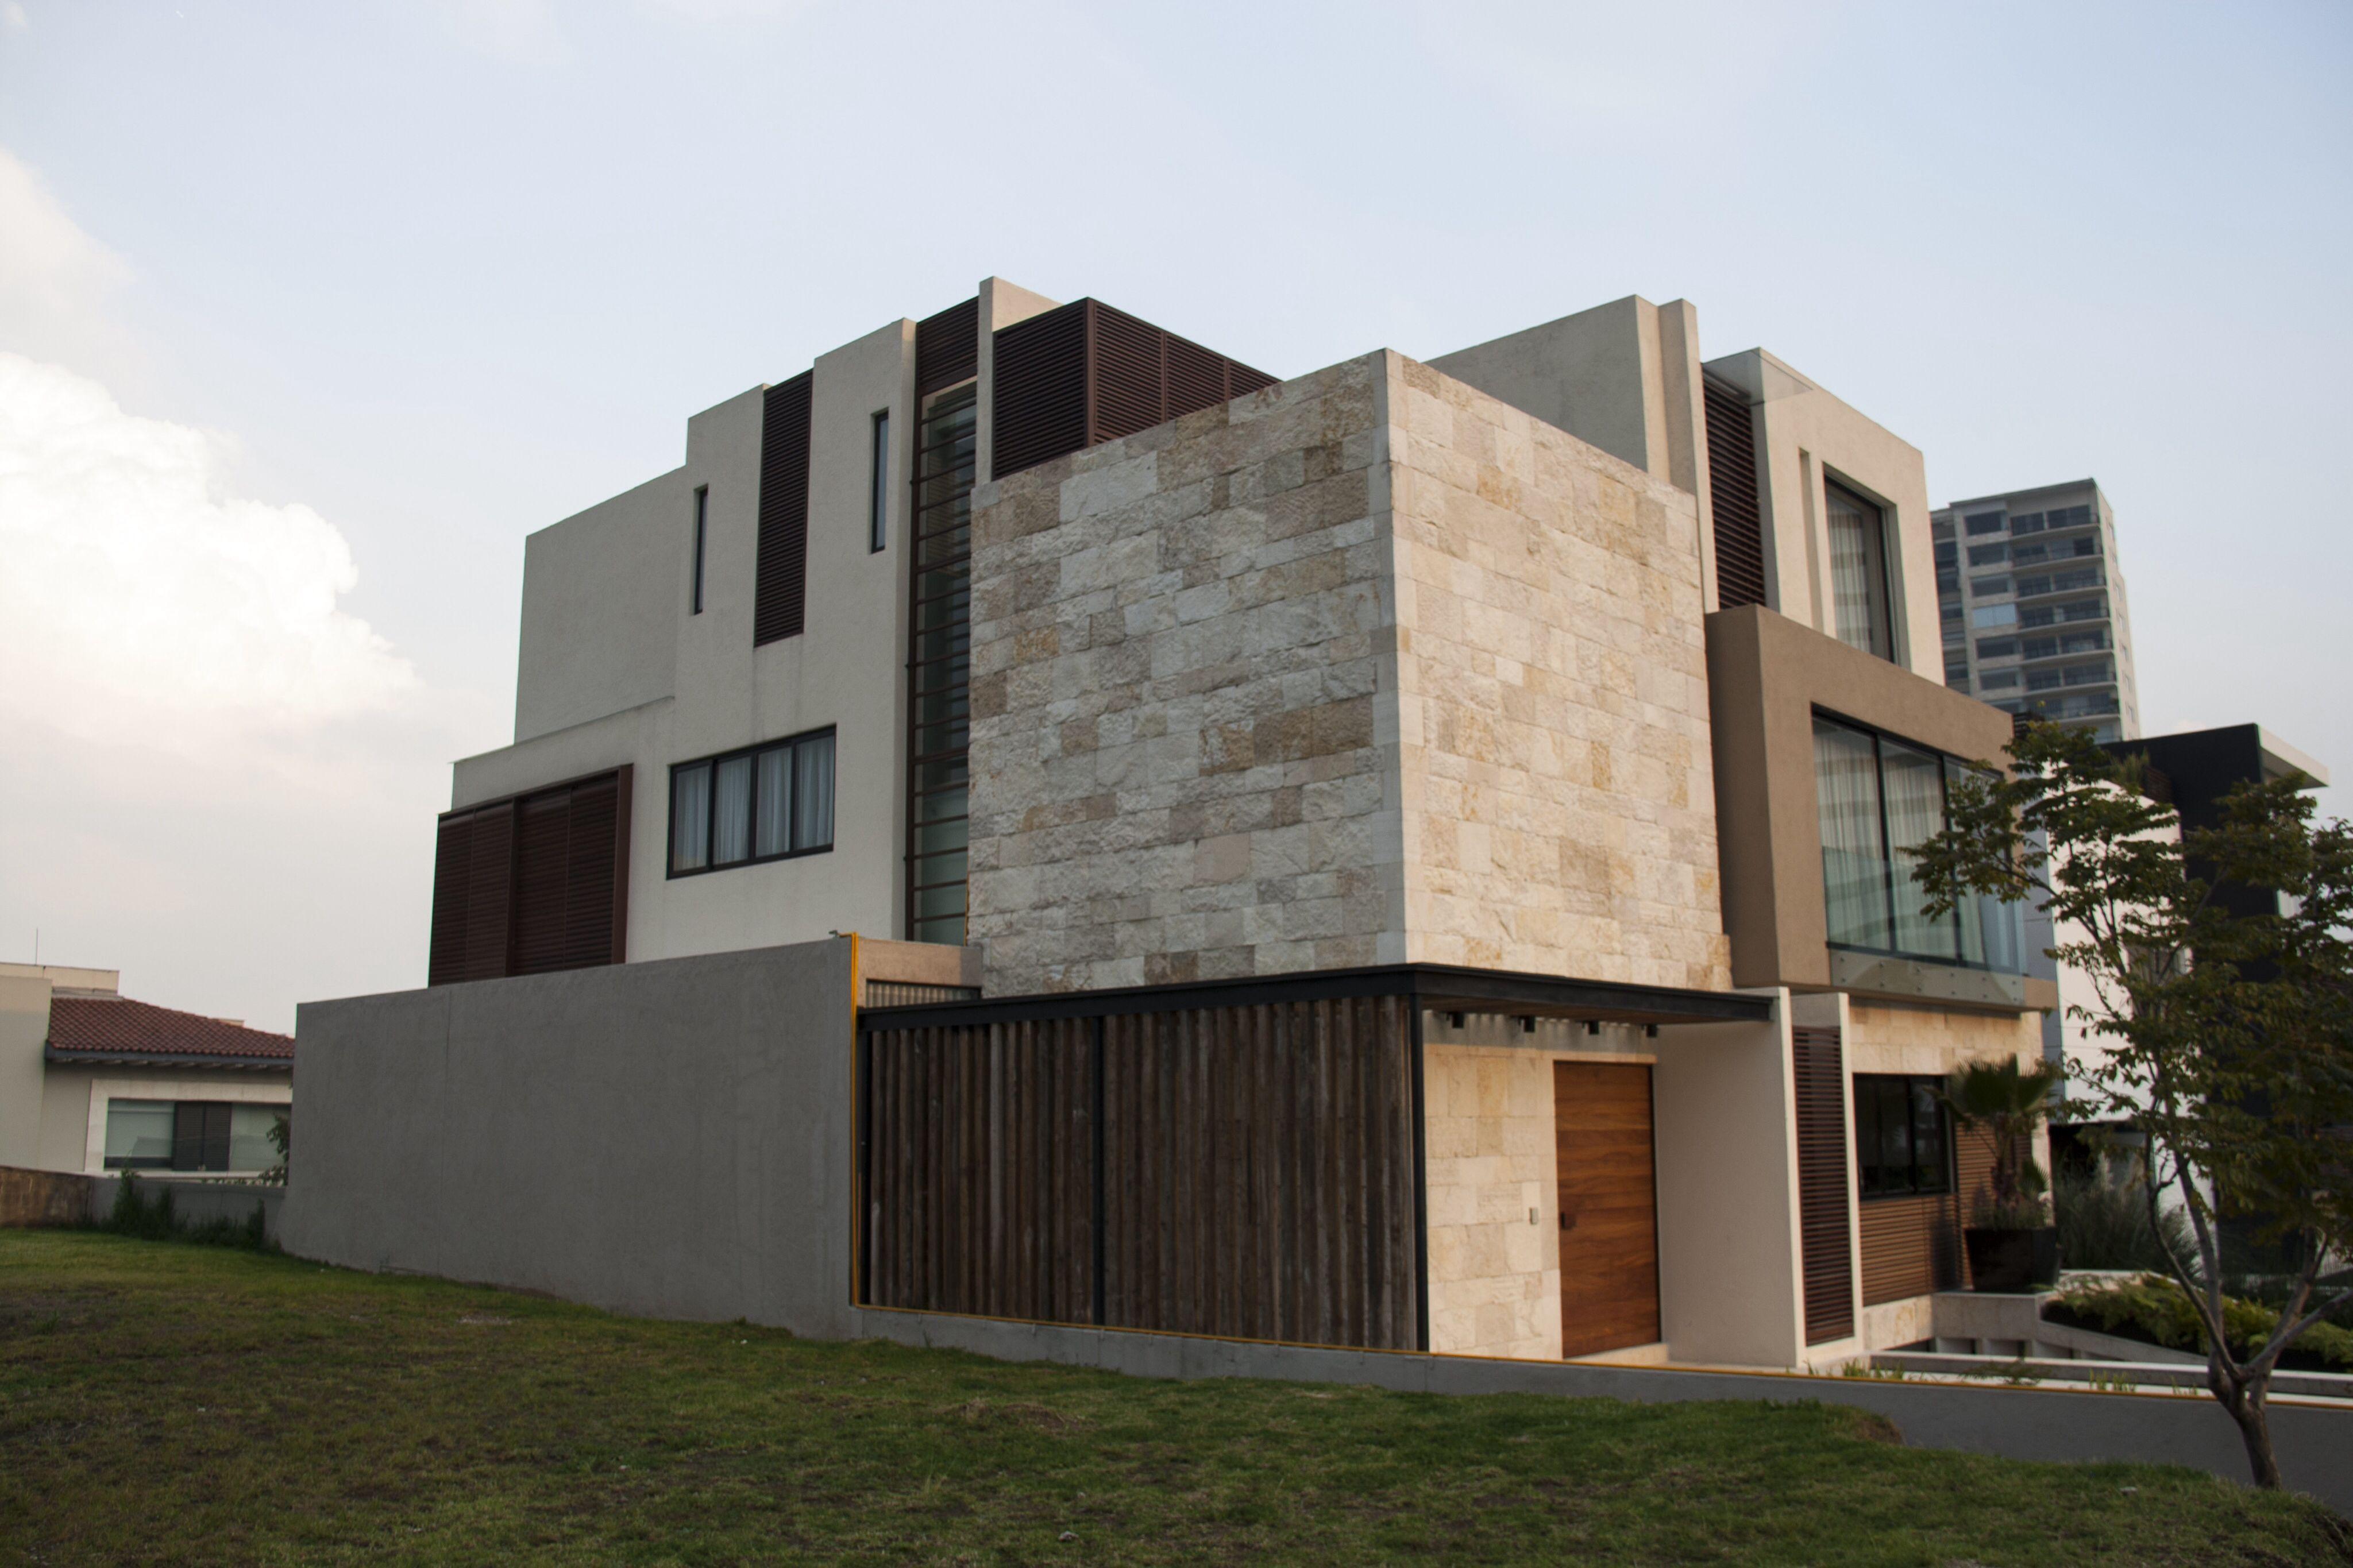 Casa ss fachada muros de piedra celosia de madera - Fachada de casa ...